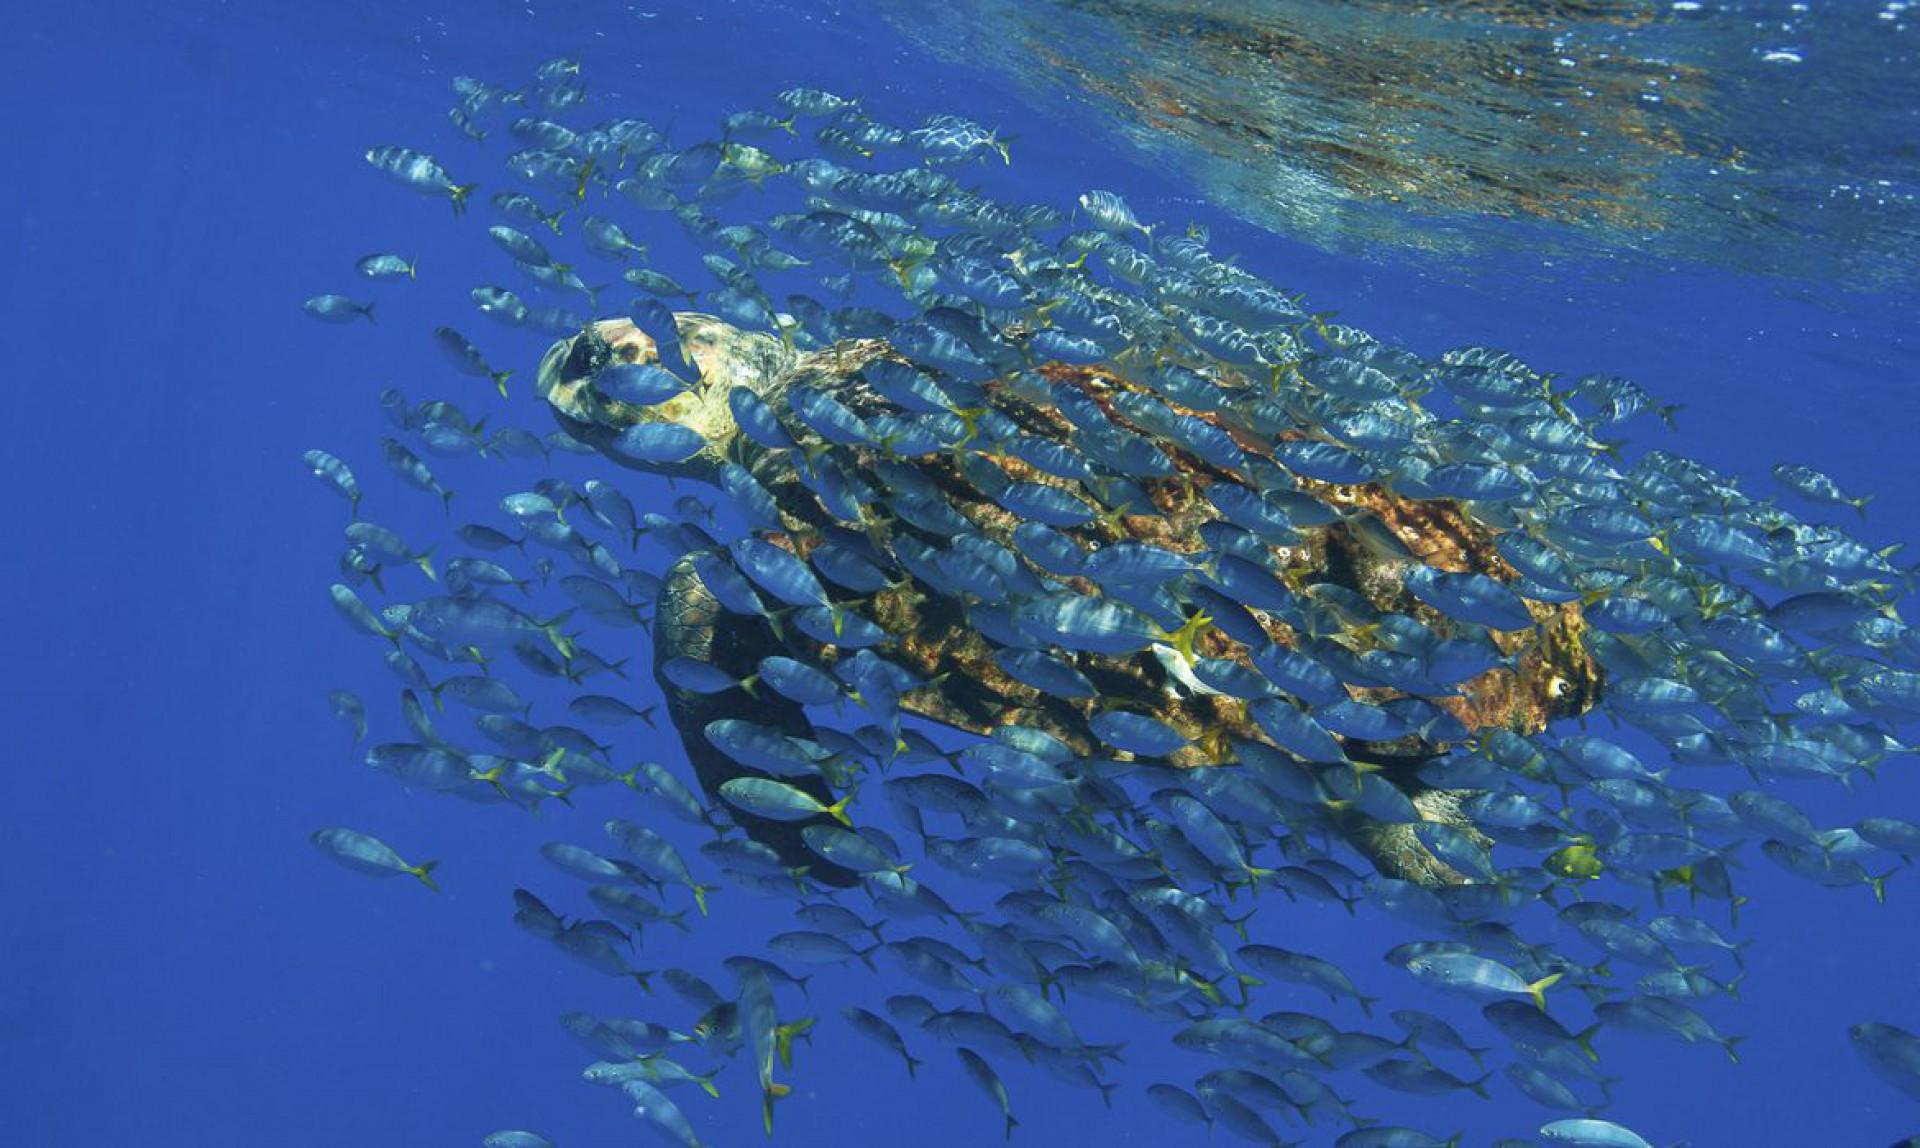 Em 2021, o mundo entrou na Década da Restauração dos Ecossistemas, junto com a Década do Oceano.